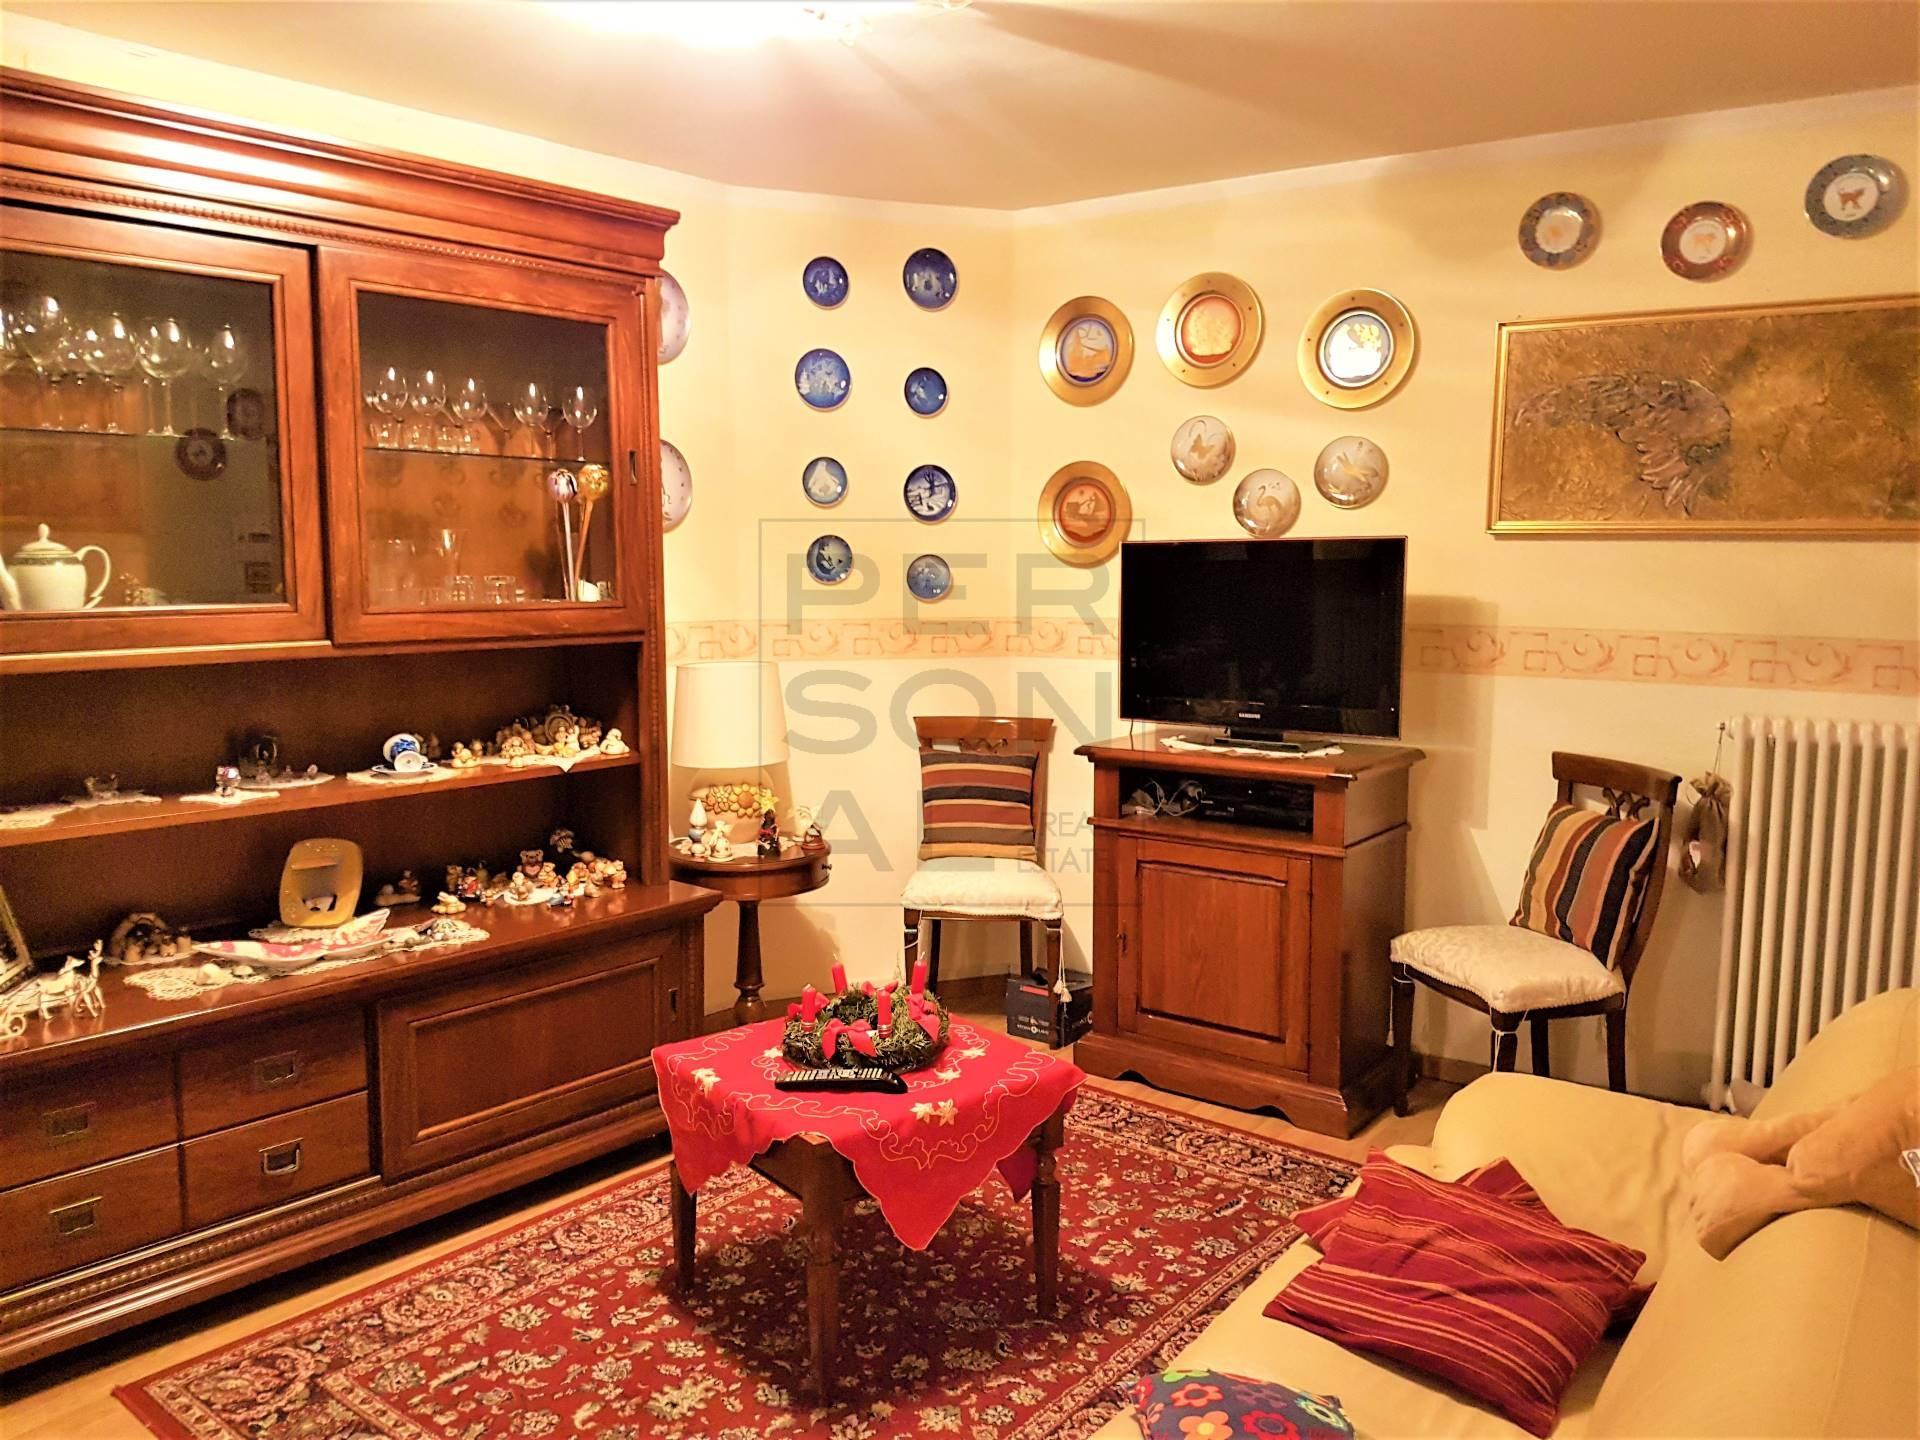 Appartamento in vendita a Mezzocorona, 3 locali, prezzo € 139.000   CambioCasa.it